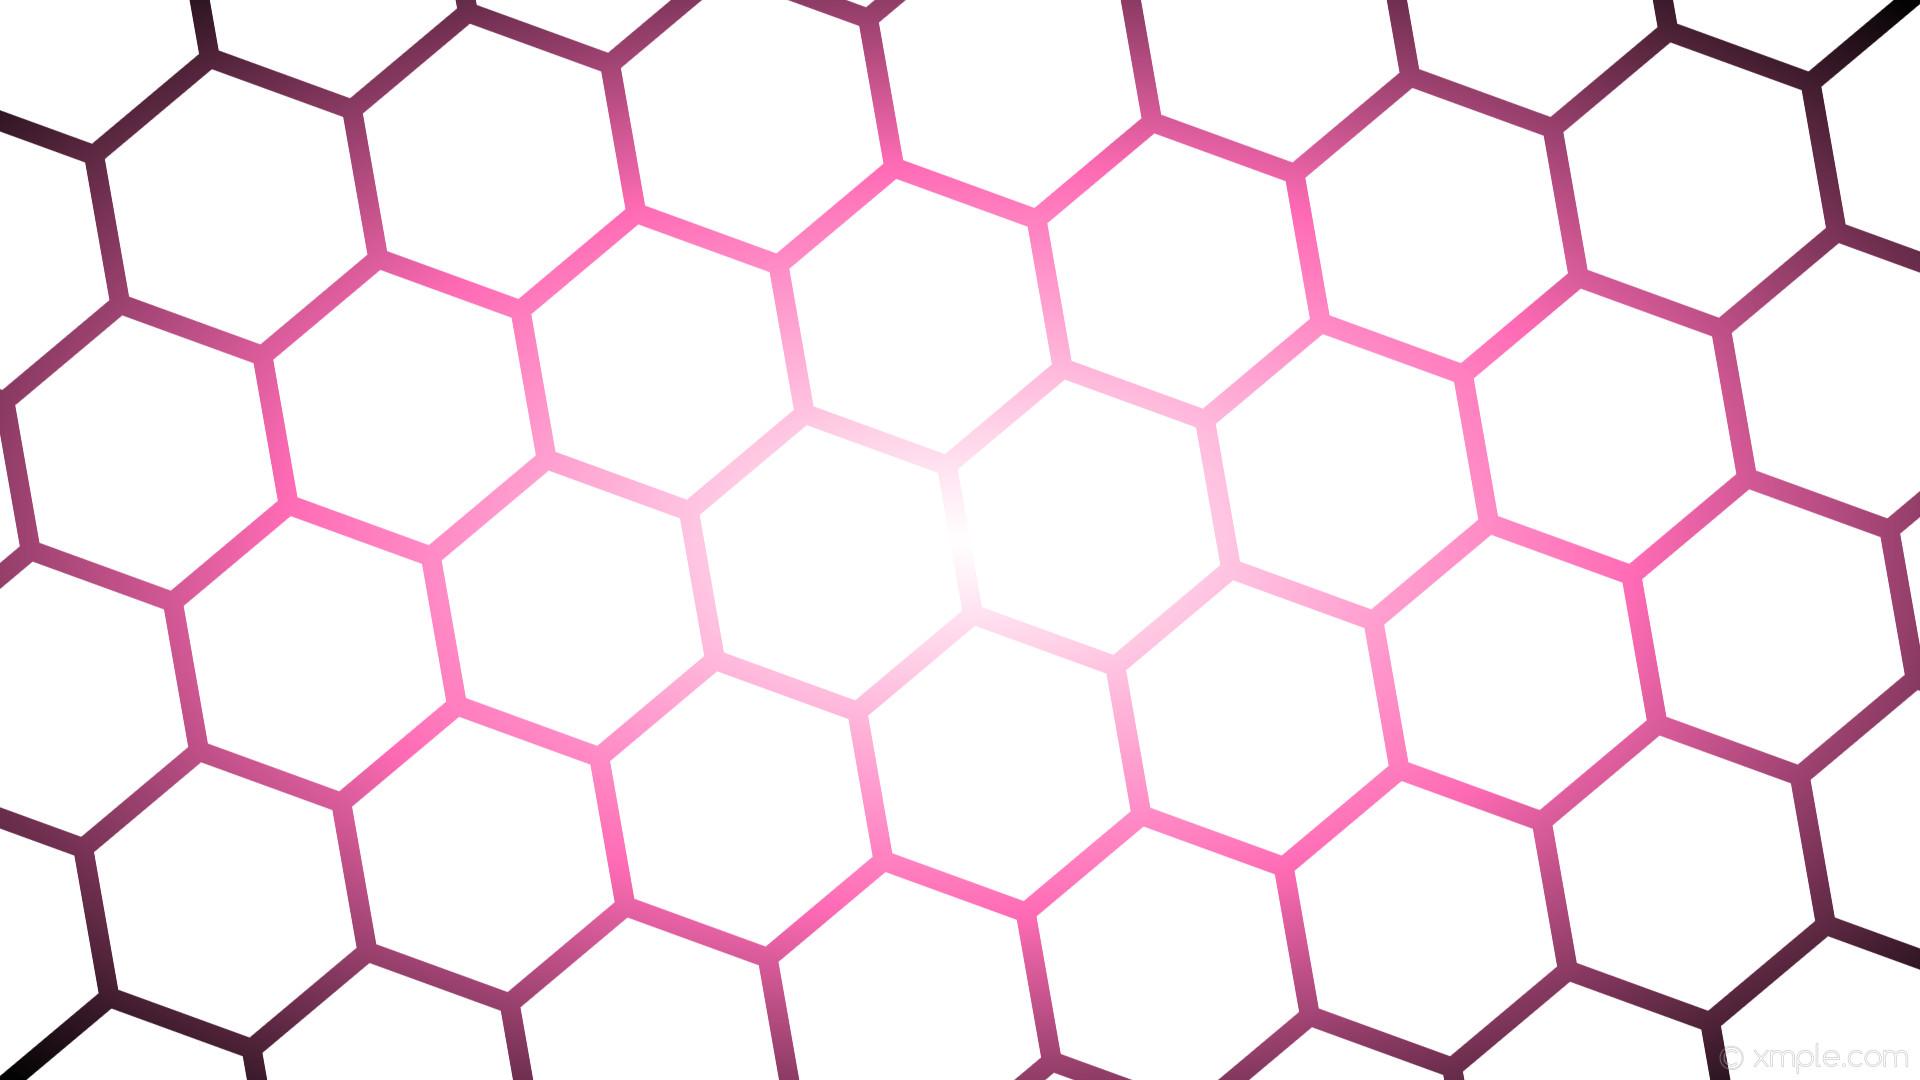 1920x1080 Pink Amp White Striped Wallpaper